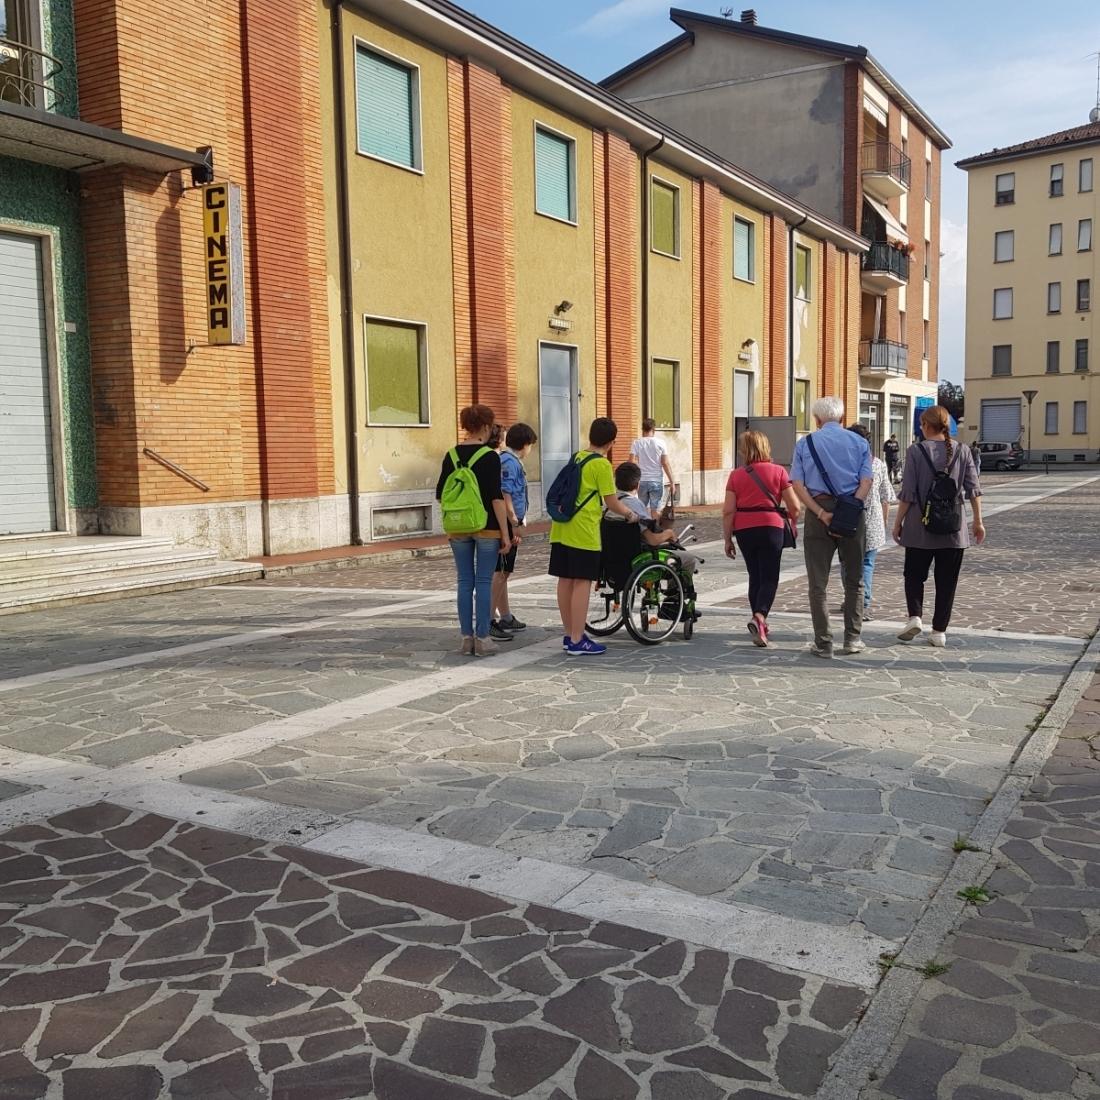 Pellegrinaggio Paderna 2018 (2)